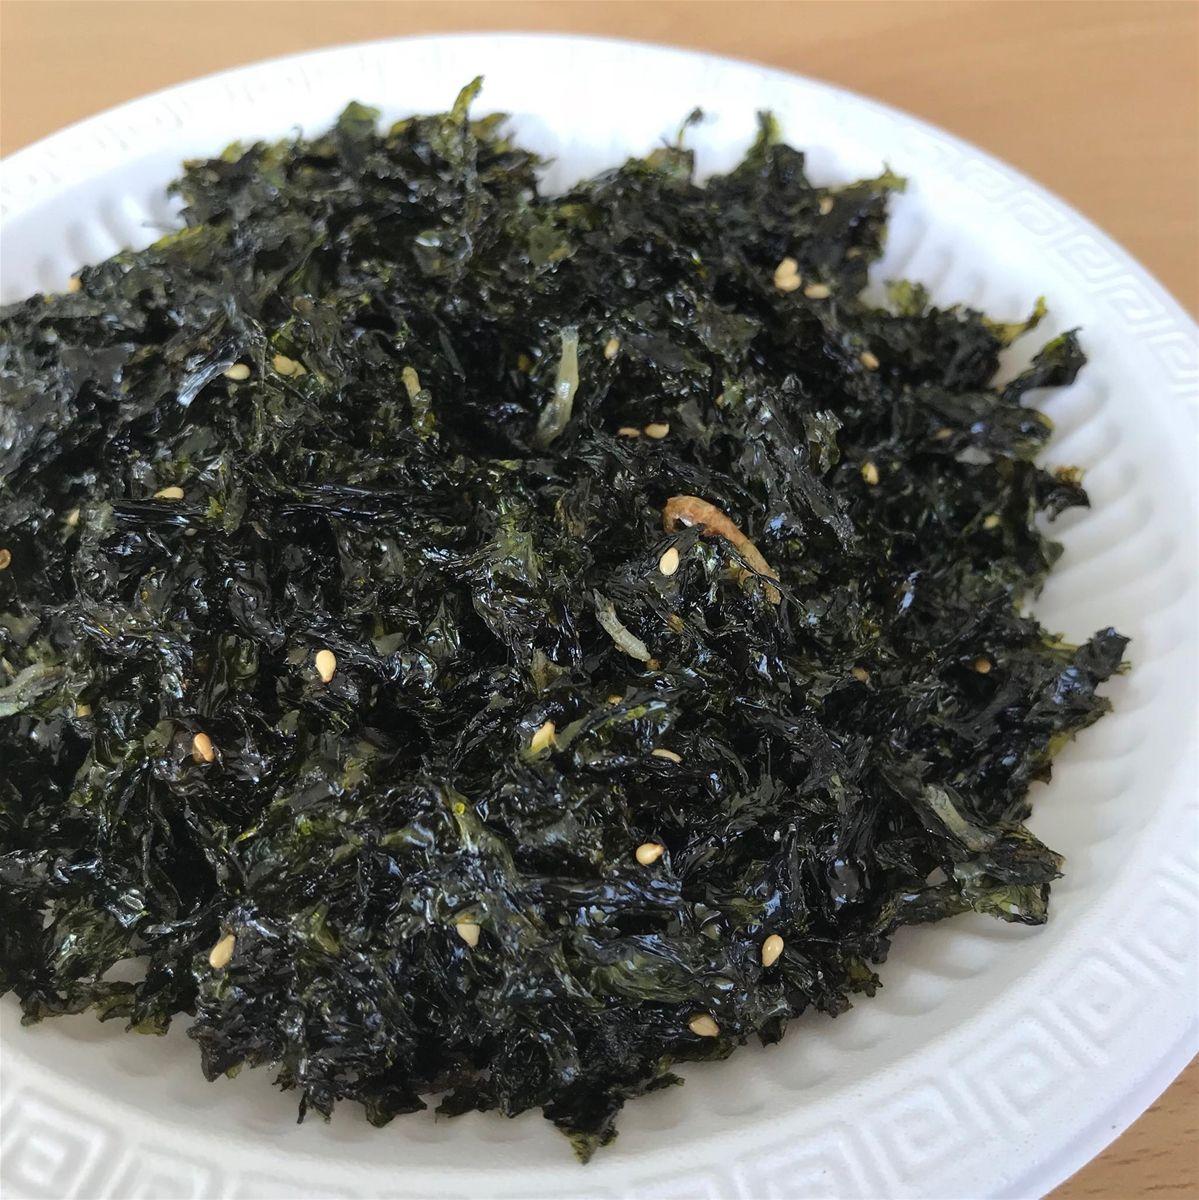 Rong biển, lá kim mang là món ăn truyền thống có mặt trong các bữa cơm của người Hàn vì tại xứ lạnh này lá rong biển được nuôi trồng và phát ...